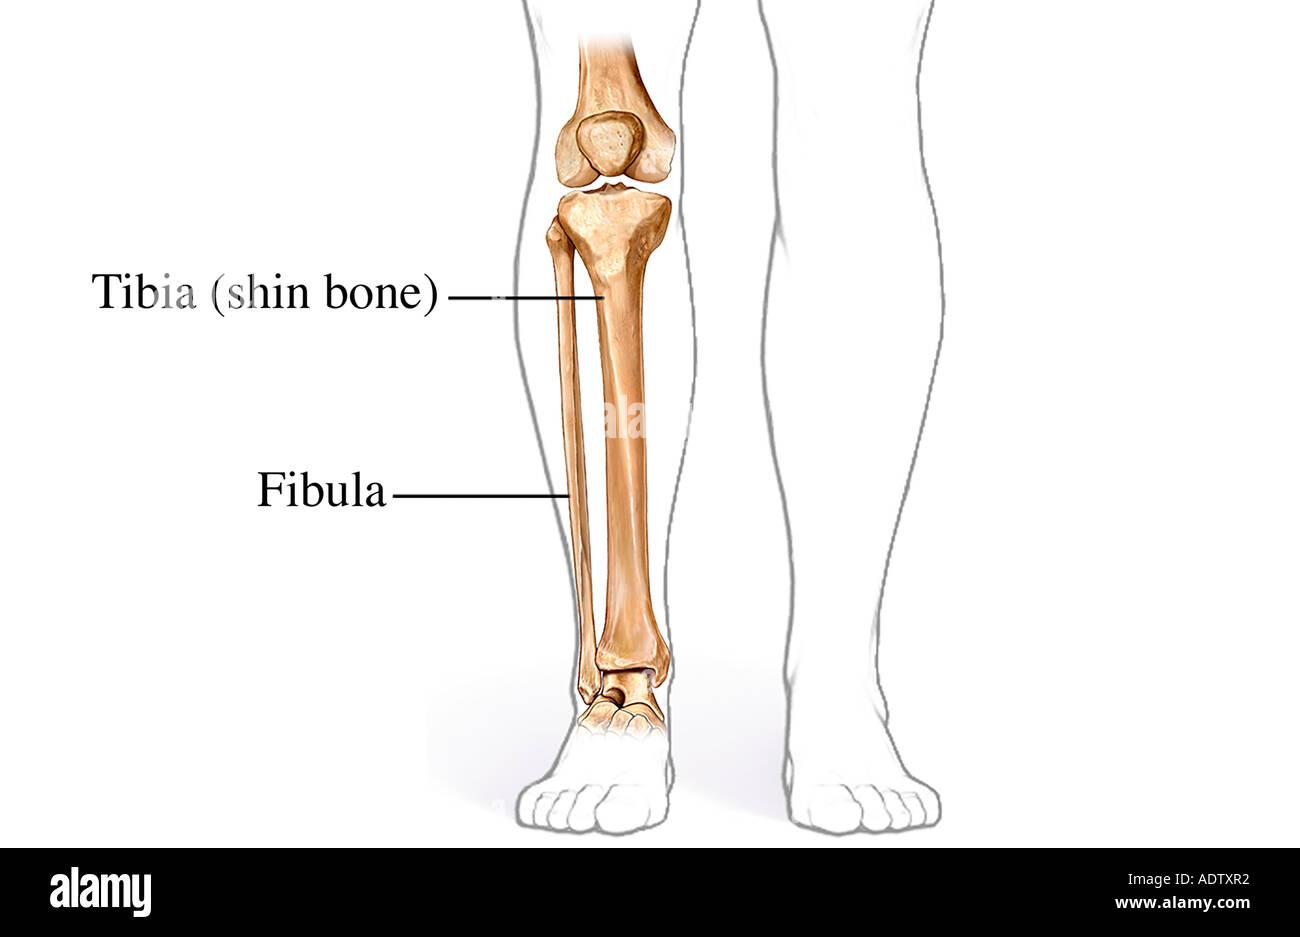 Los huesos de la pierna inferior Foto & Imagen De Stock: 7710705 - Alamy